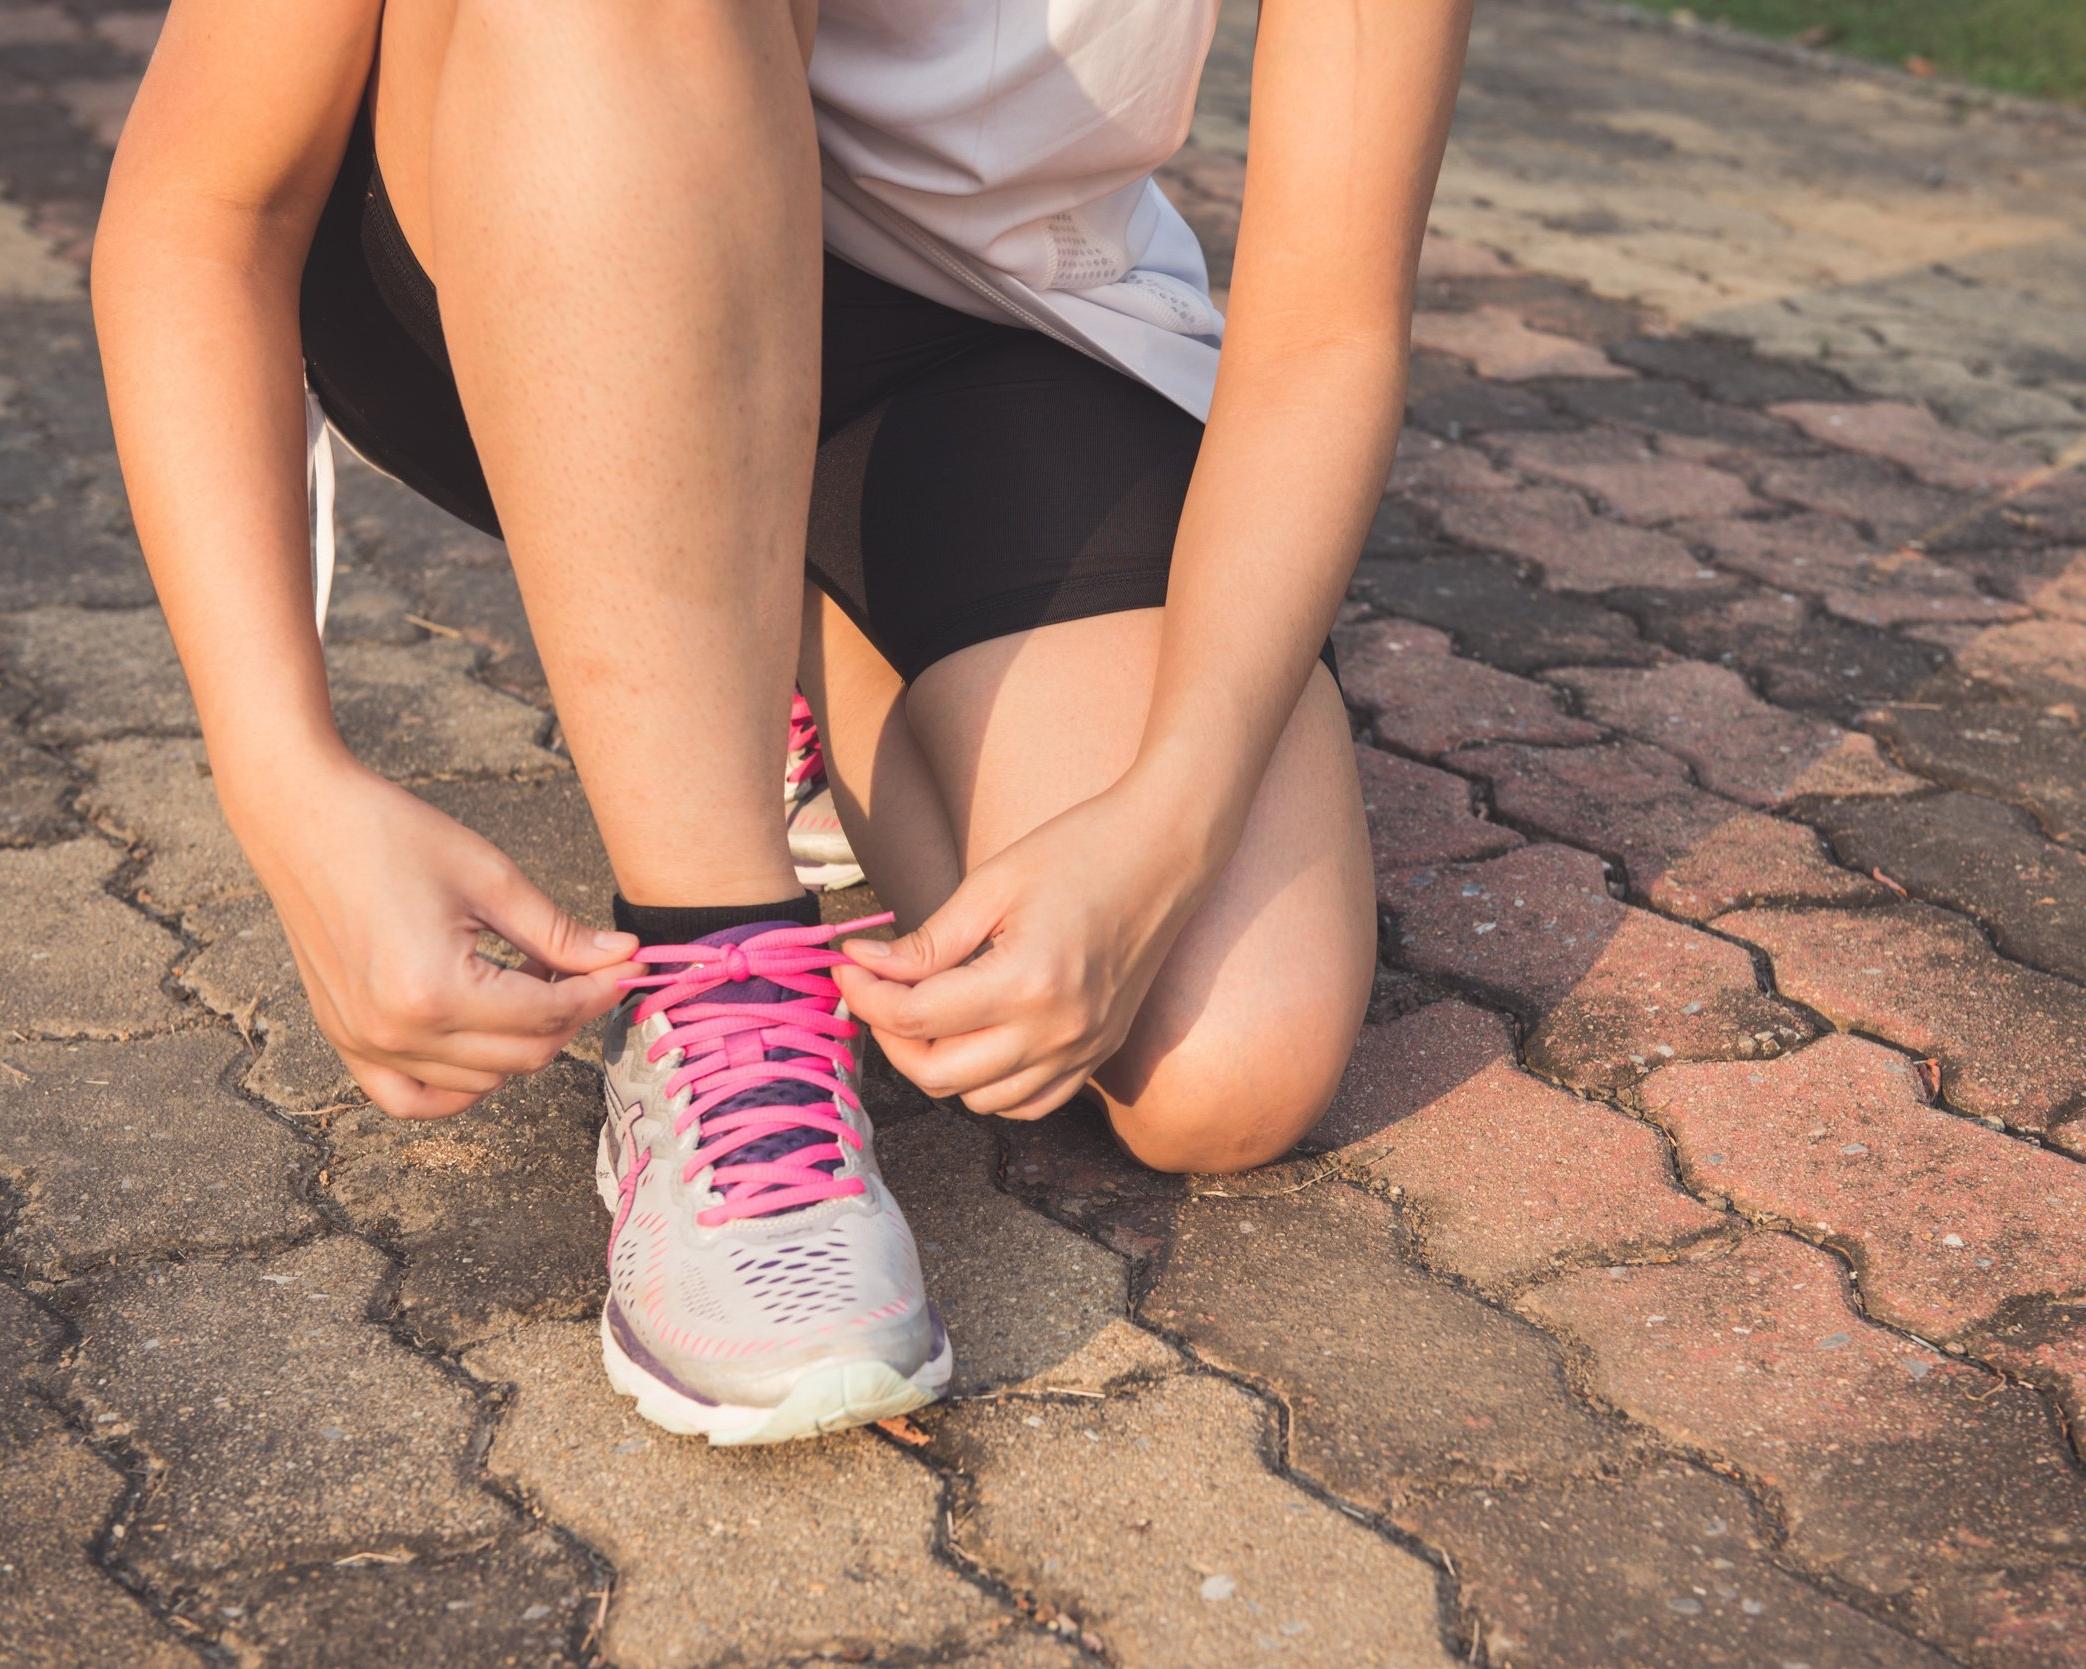 ENTRENAMIENO Y ACTIVIDAD FÍSICA - Ponte las zapatillas y desoxídate